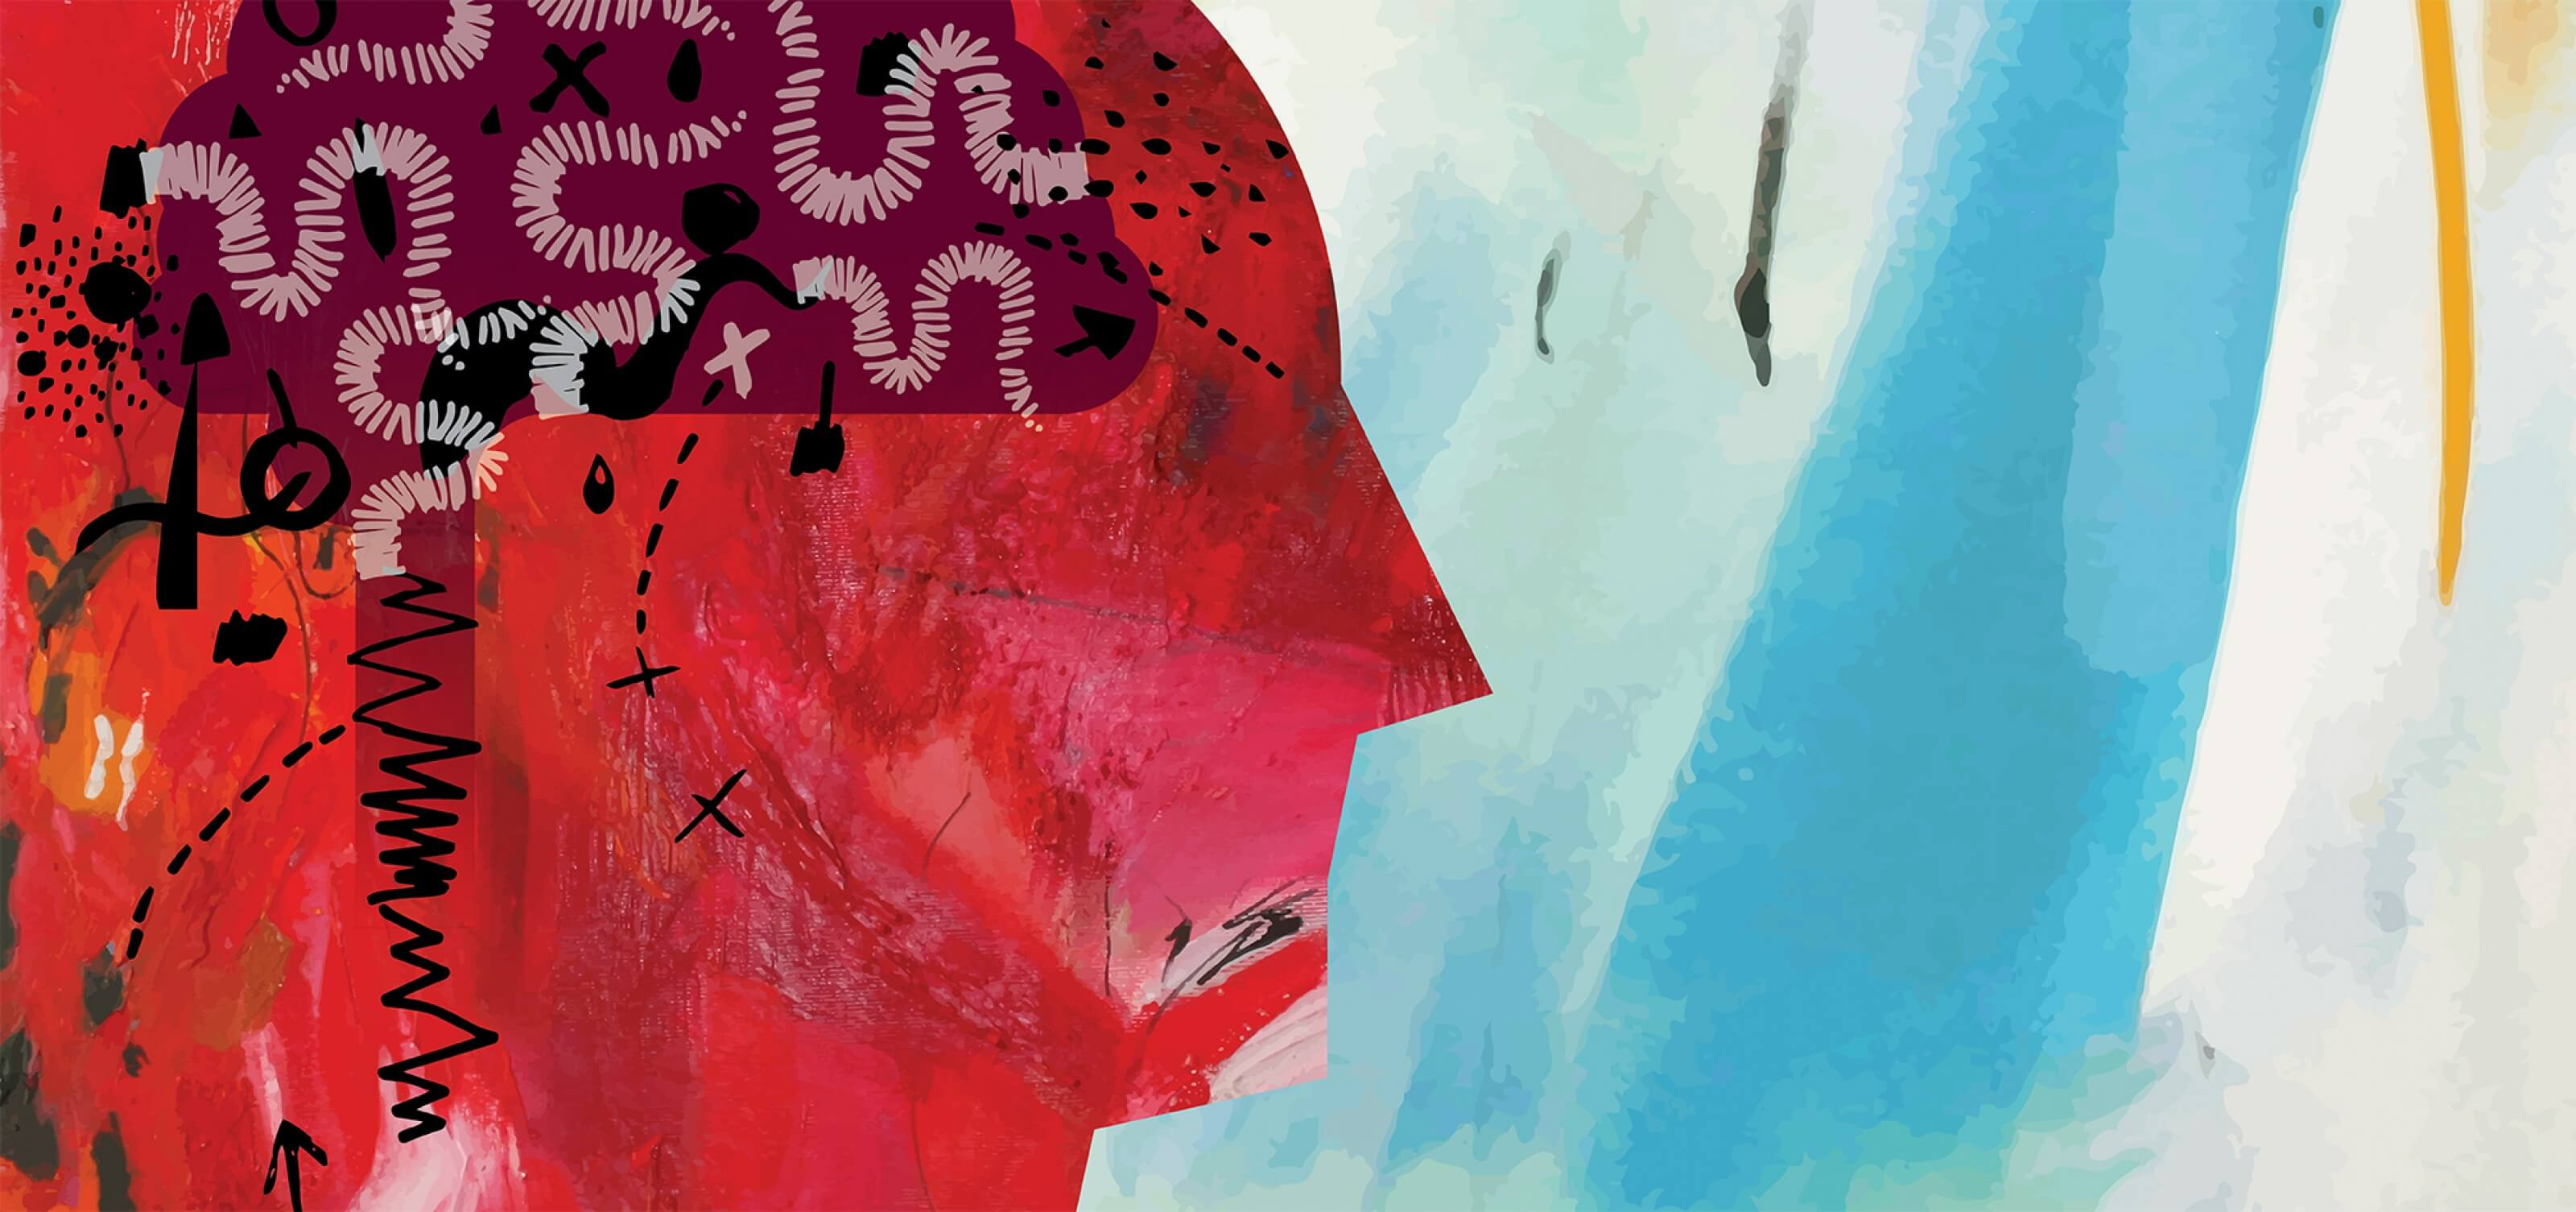 Между депрессией и интеллектом обнаружена генетическая связь